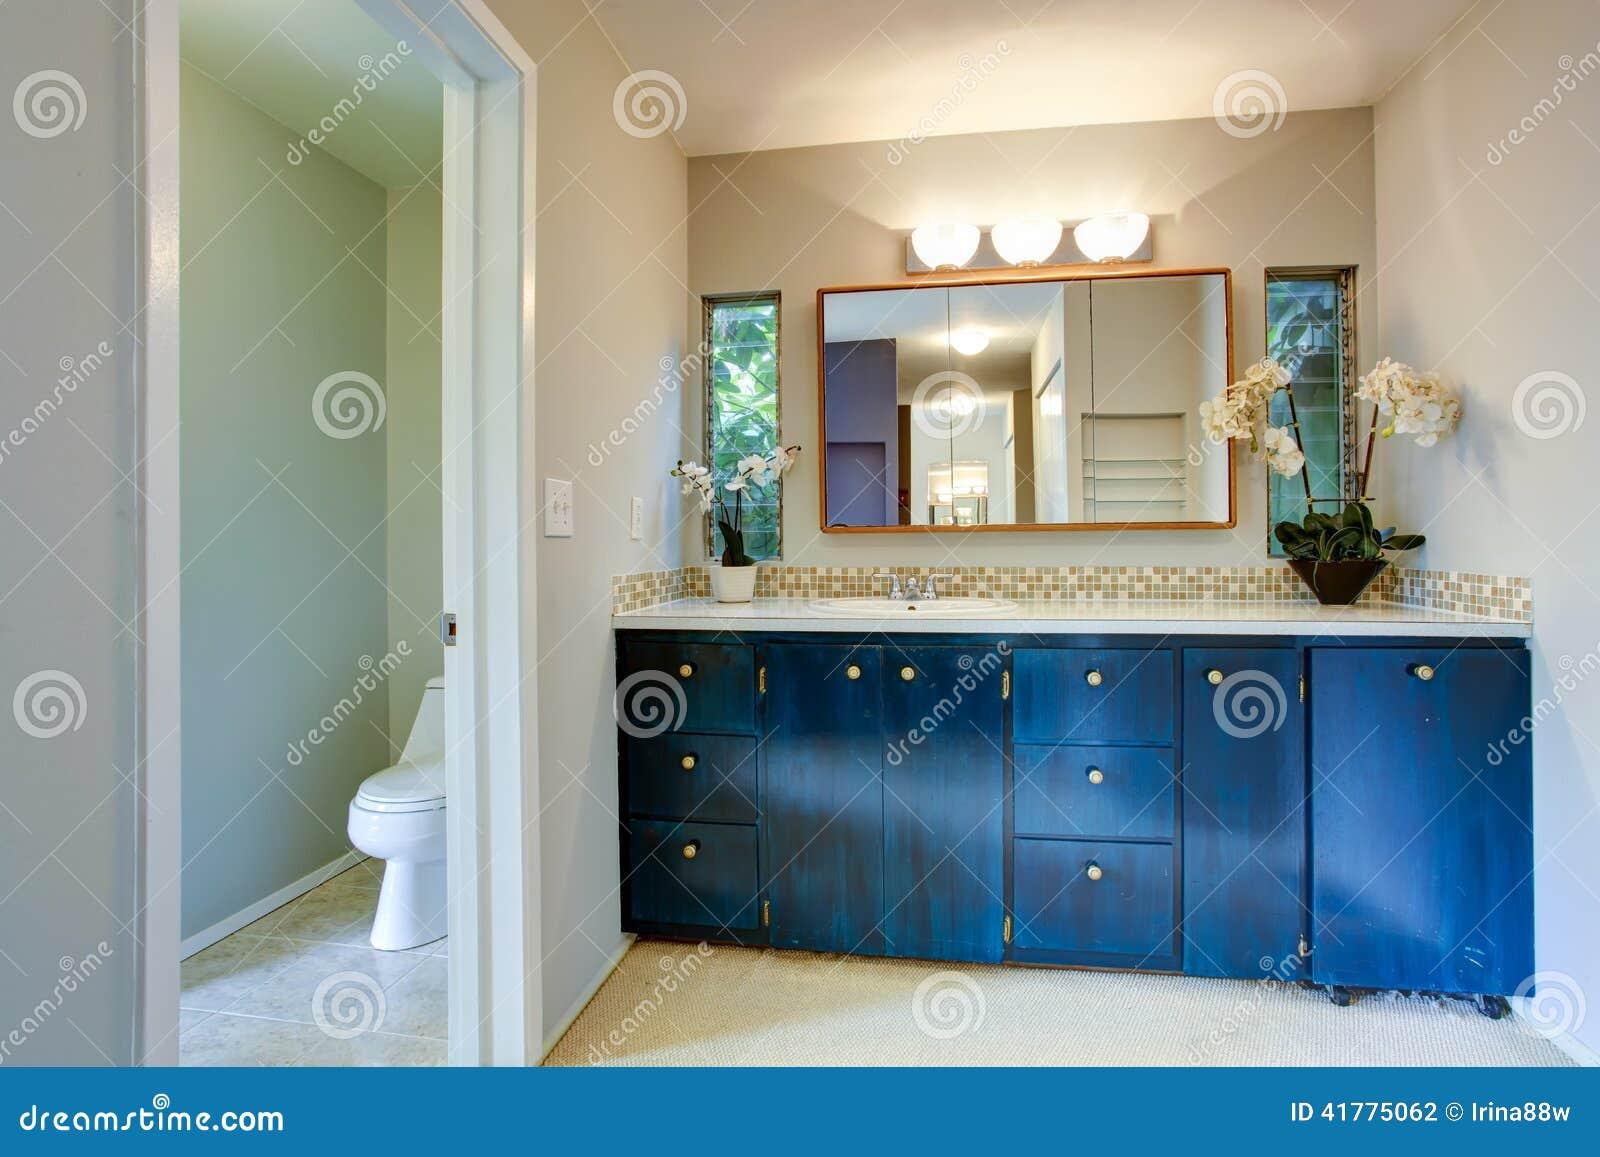 Salle De Bain Bleu Et Bois ~ coffret royal de vanit de salle de bains avec des fleurs photo